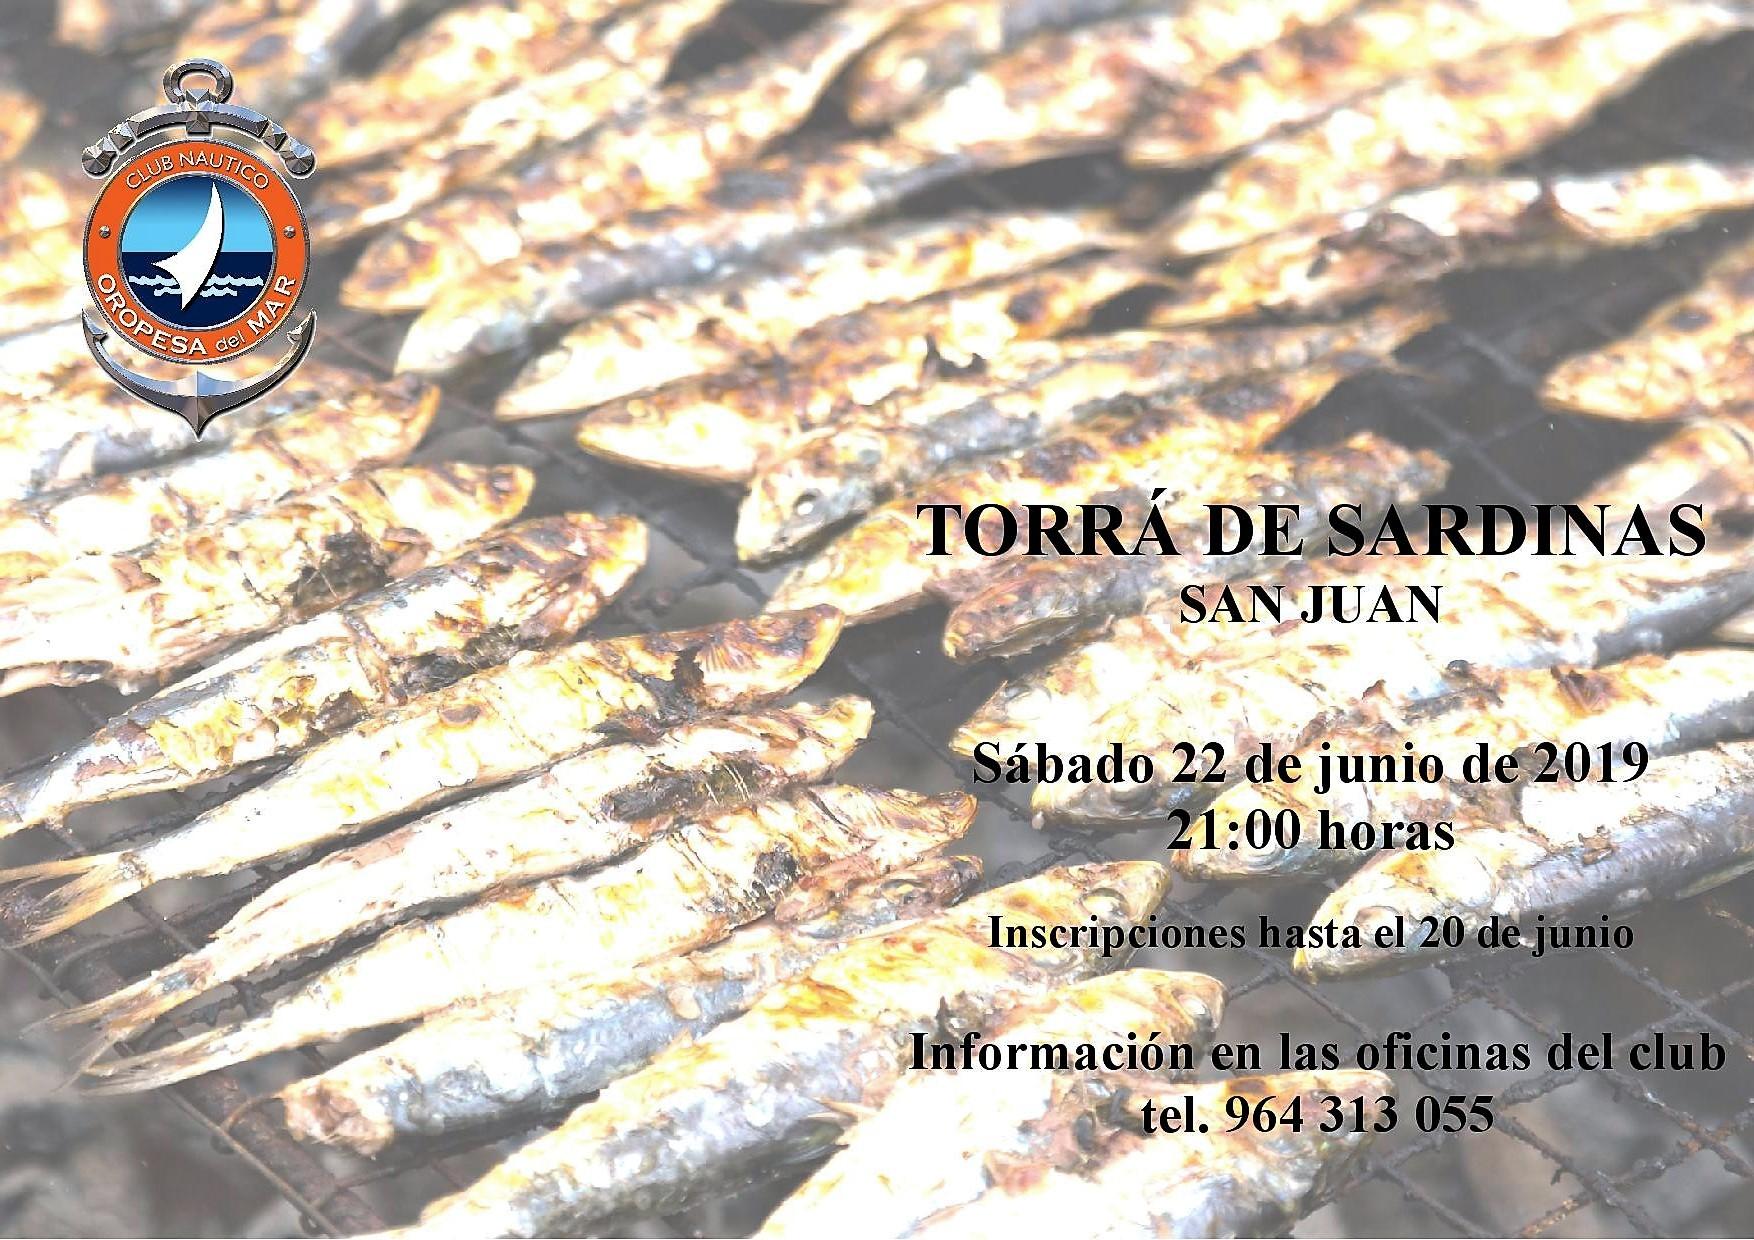 torra 2019 - TORRÁ DE SARDINAS SAN JUAN